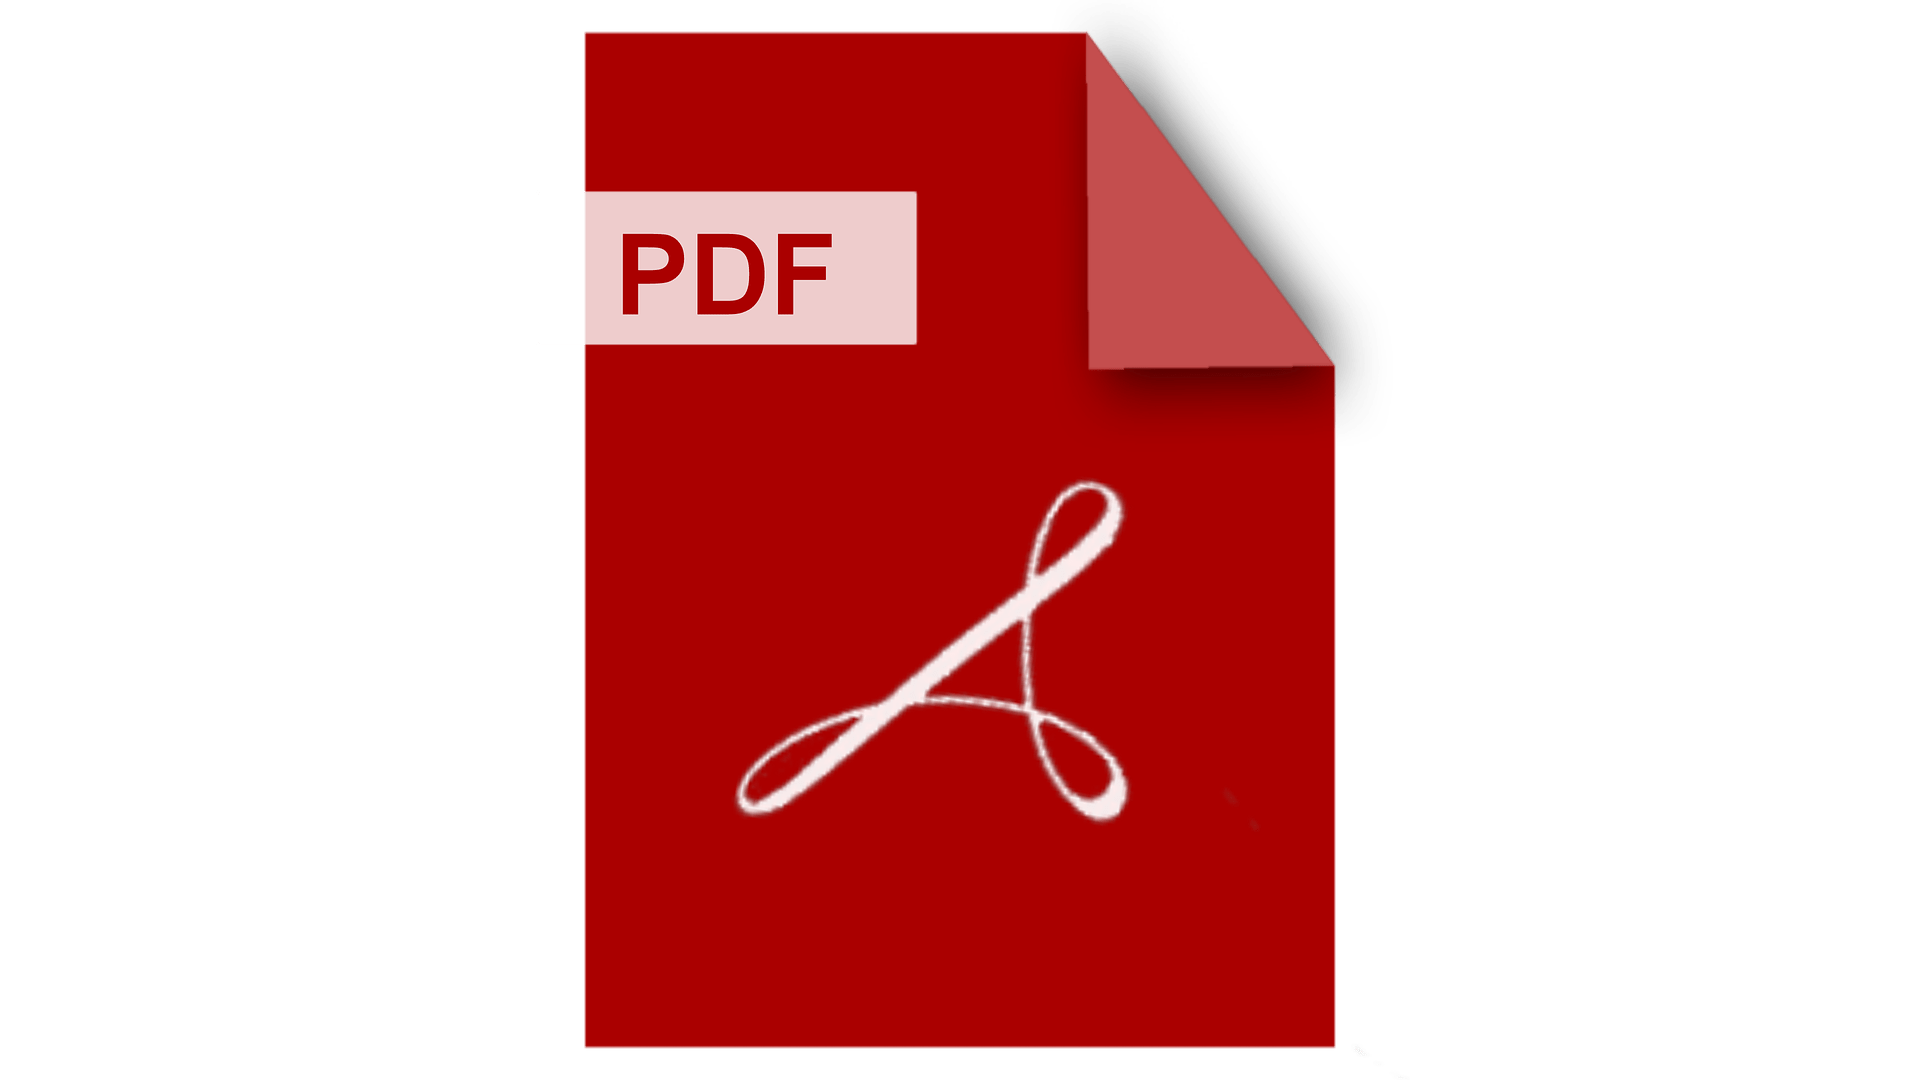 come togliere password PDF